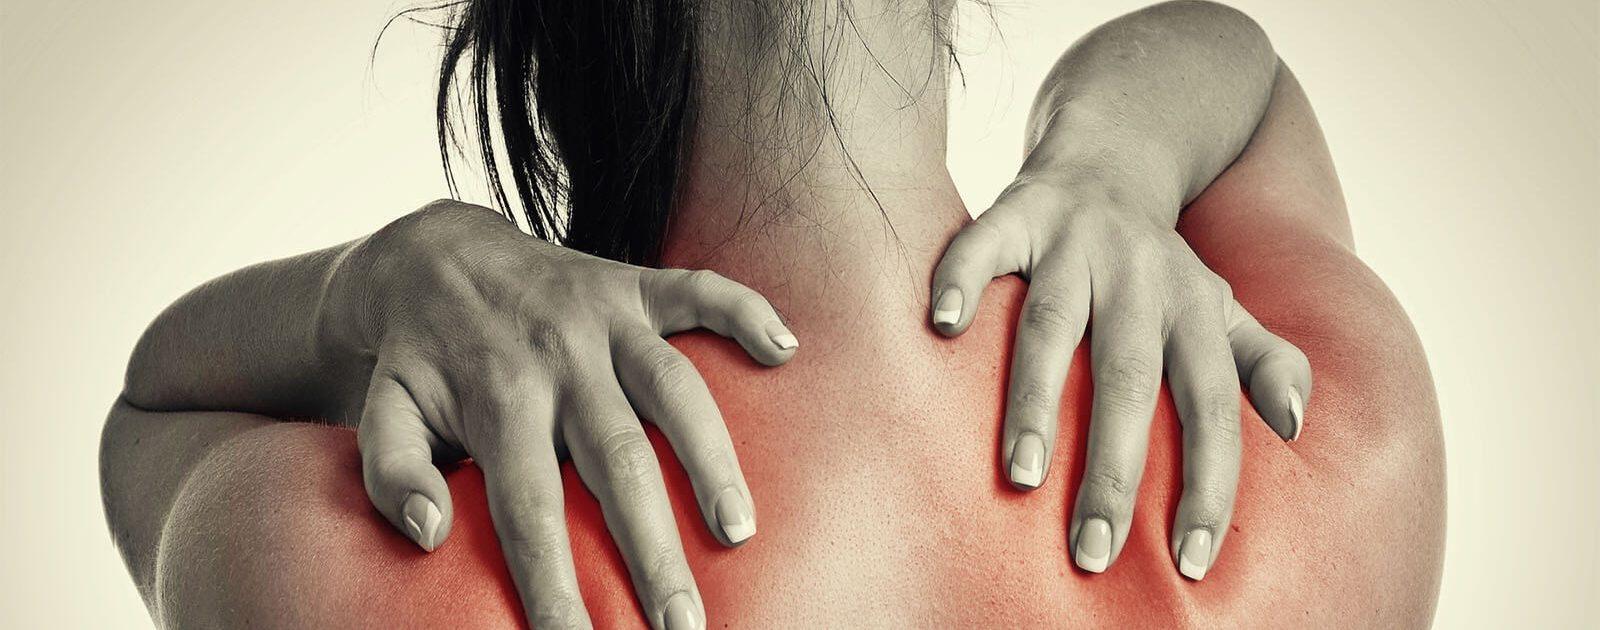 Frau fasst sich an die verspannte Schultermuskulatur. Bei diesen Rückenschmerzen kann Magnesium helfen!